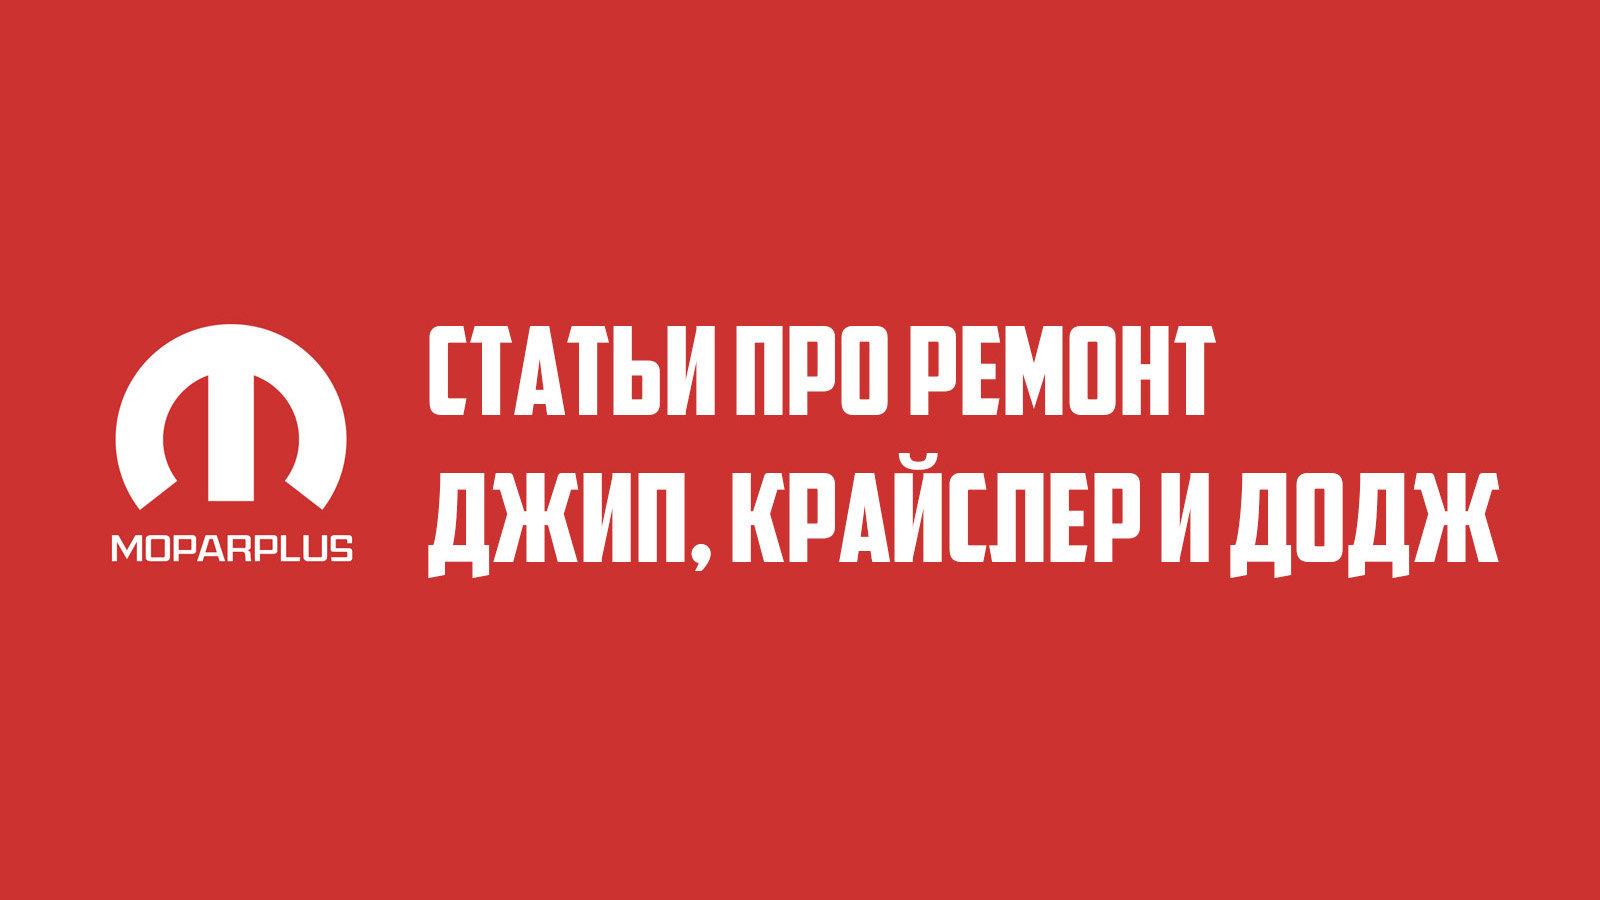 Статьи про ремонт. Выпуск №20.